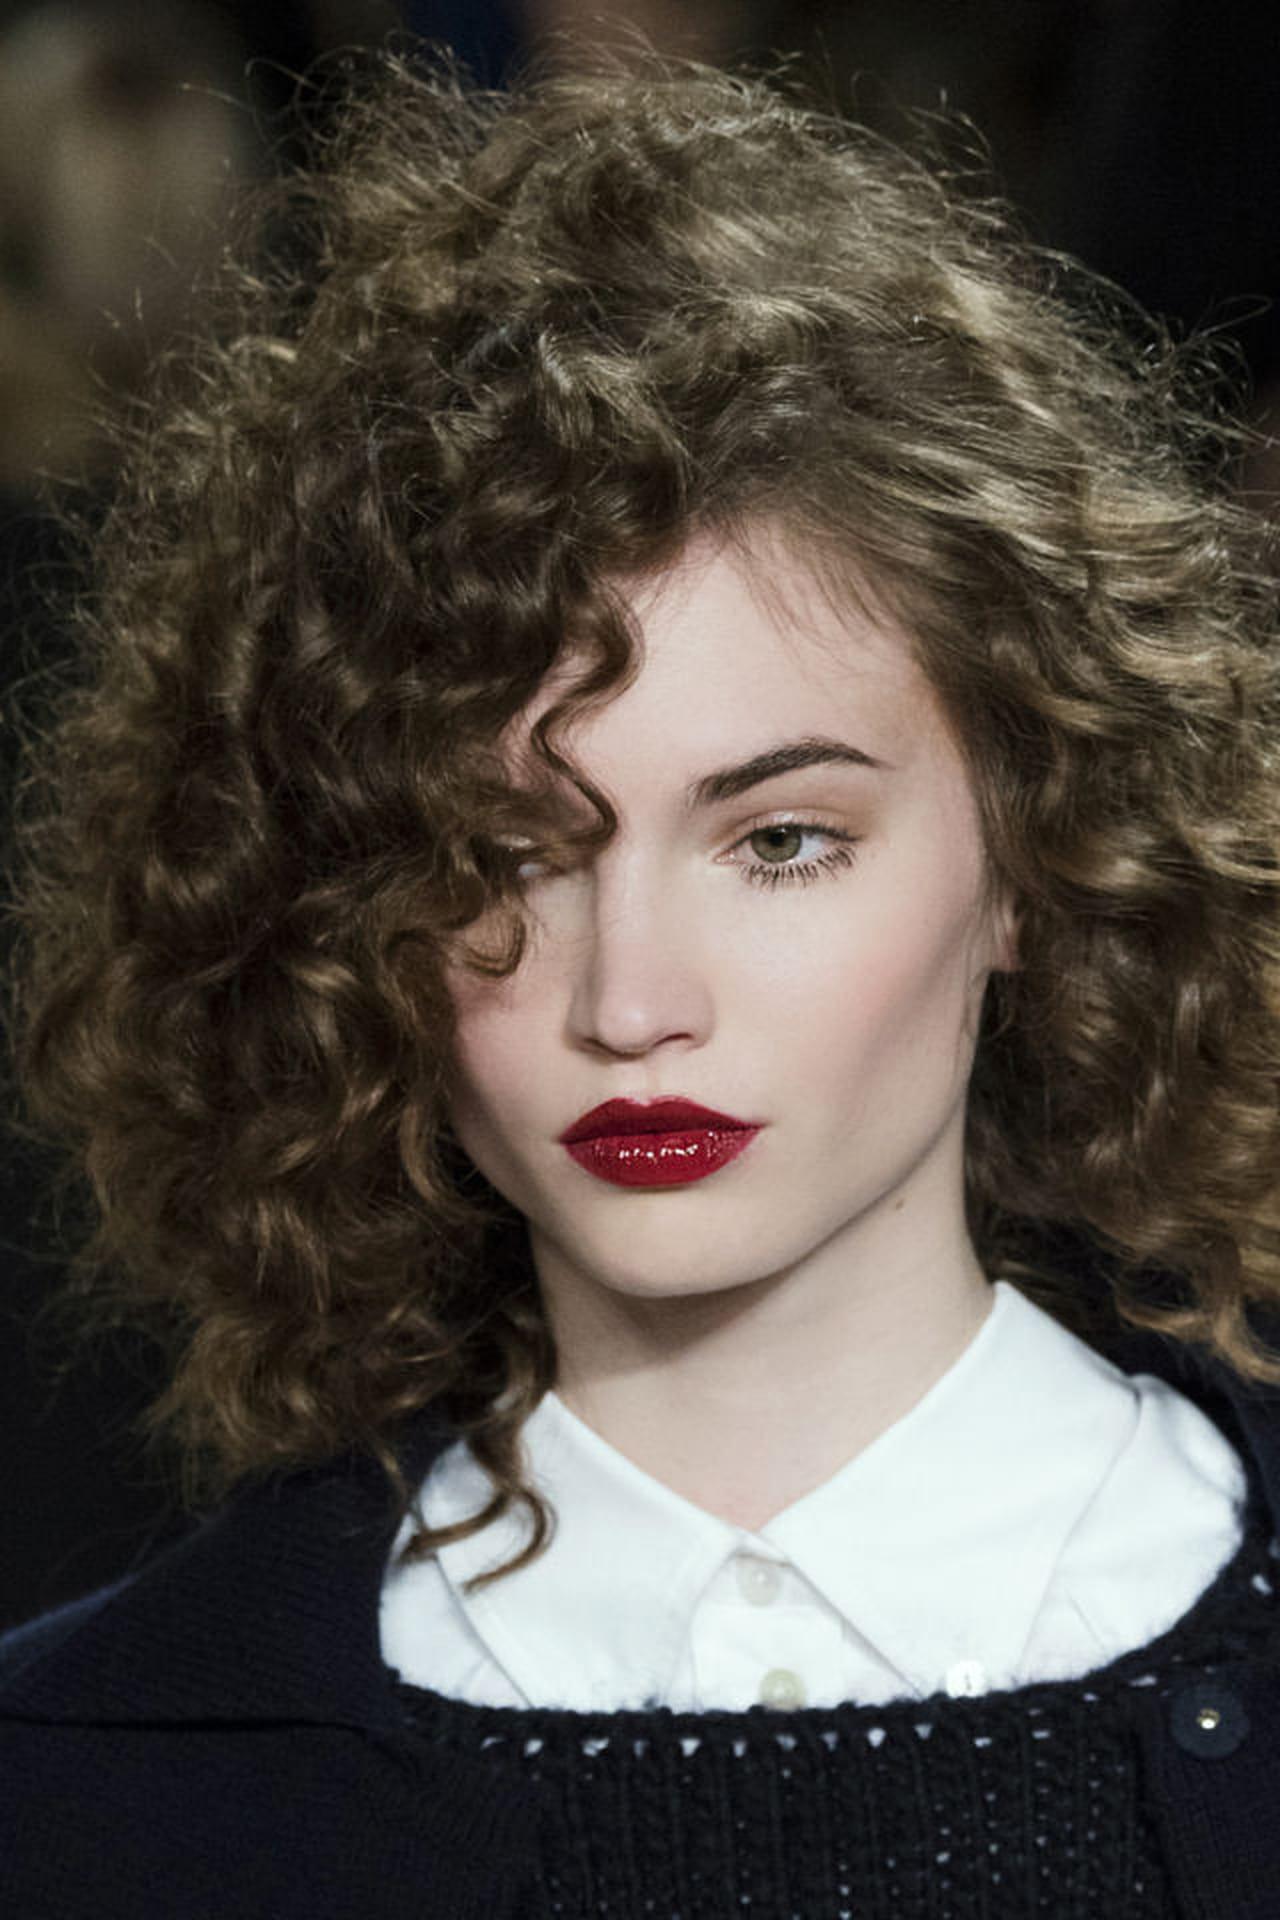 Tagli capelli ricci: idee per una chioma super trend